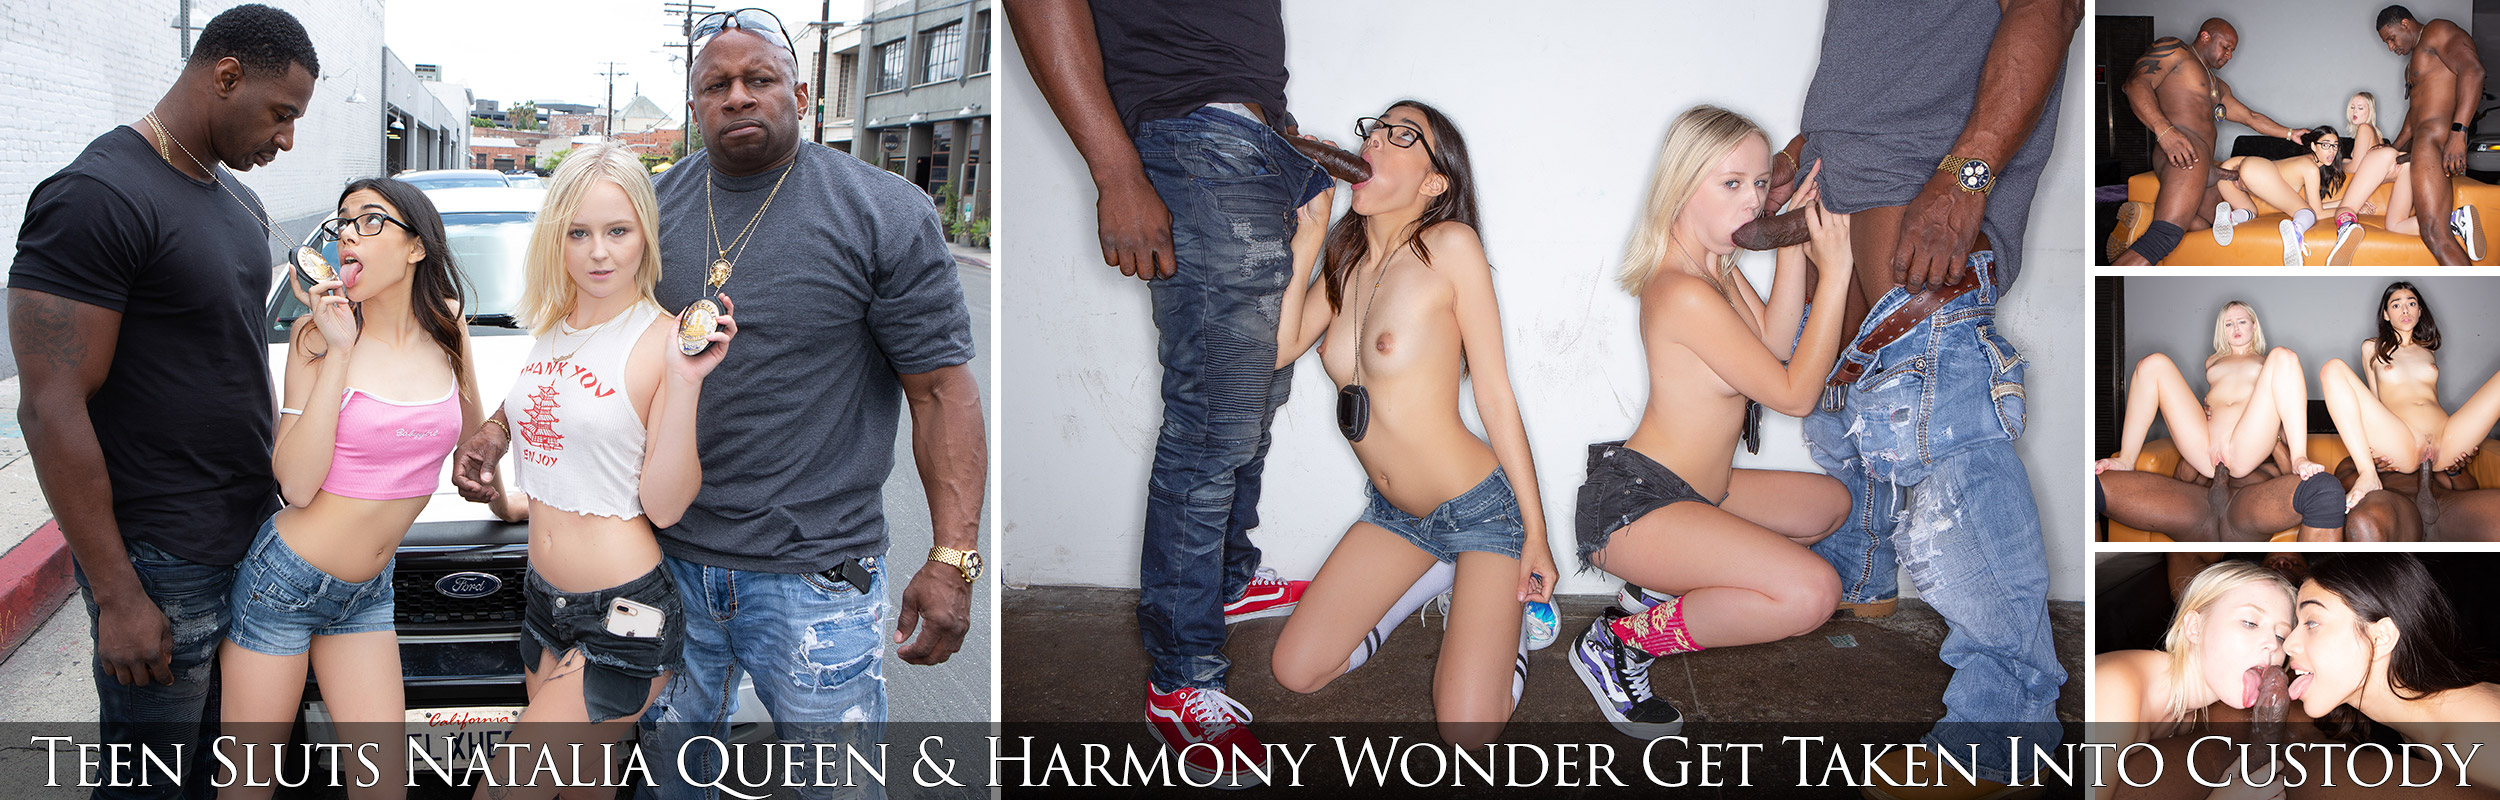 Teen Sluts Natalia Queen & Harmony Wonder Get Taken Into Custody